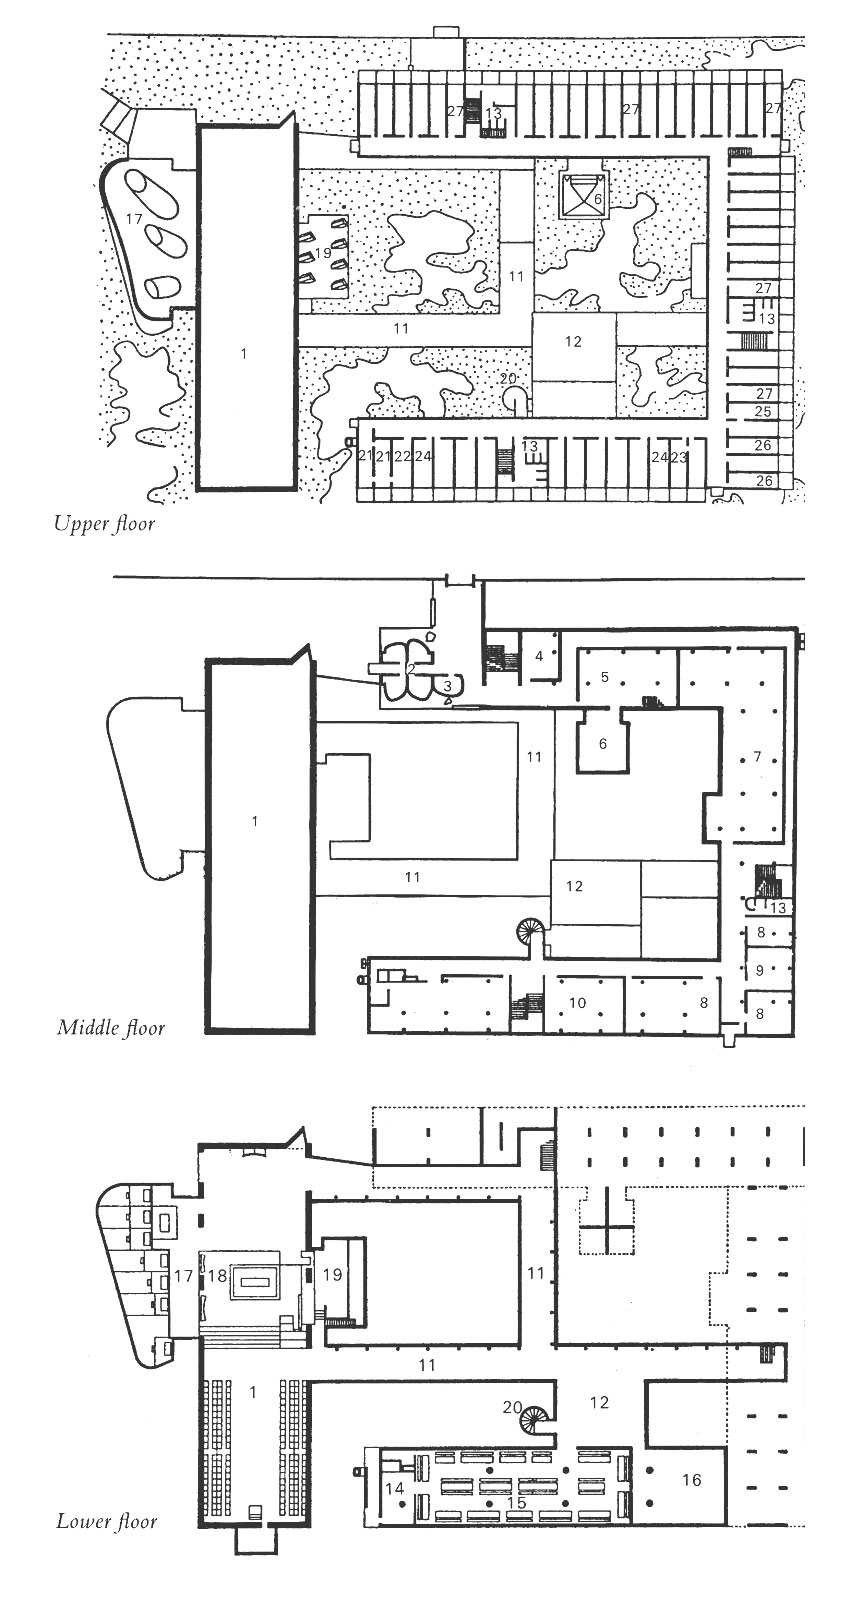 Floor Plans of Le Corbusier St Marie de La Tourette